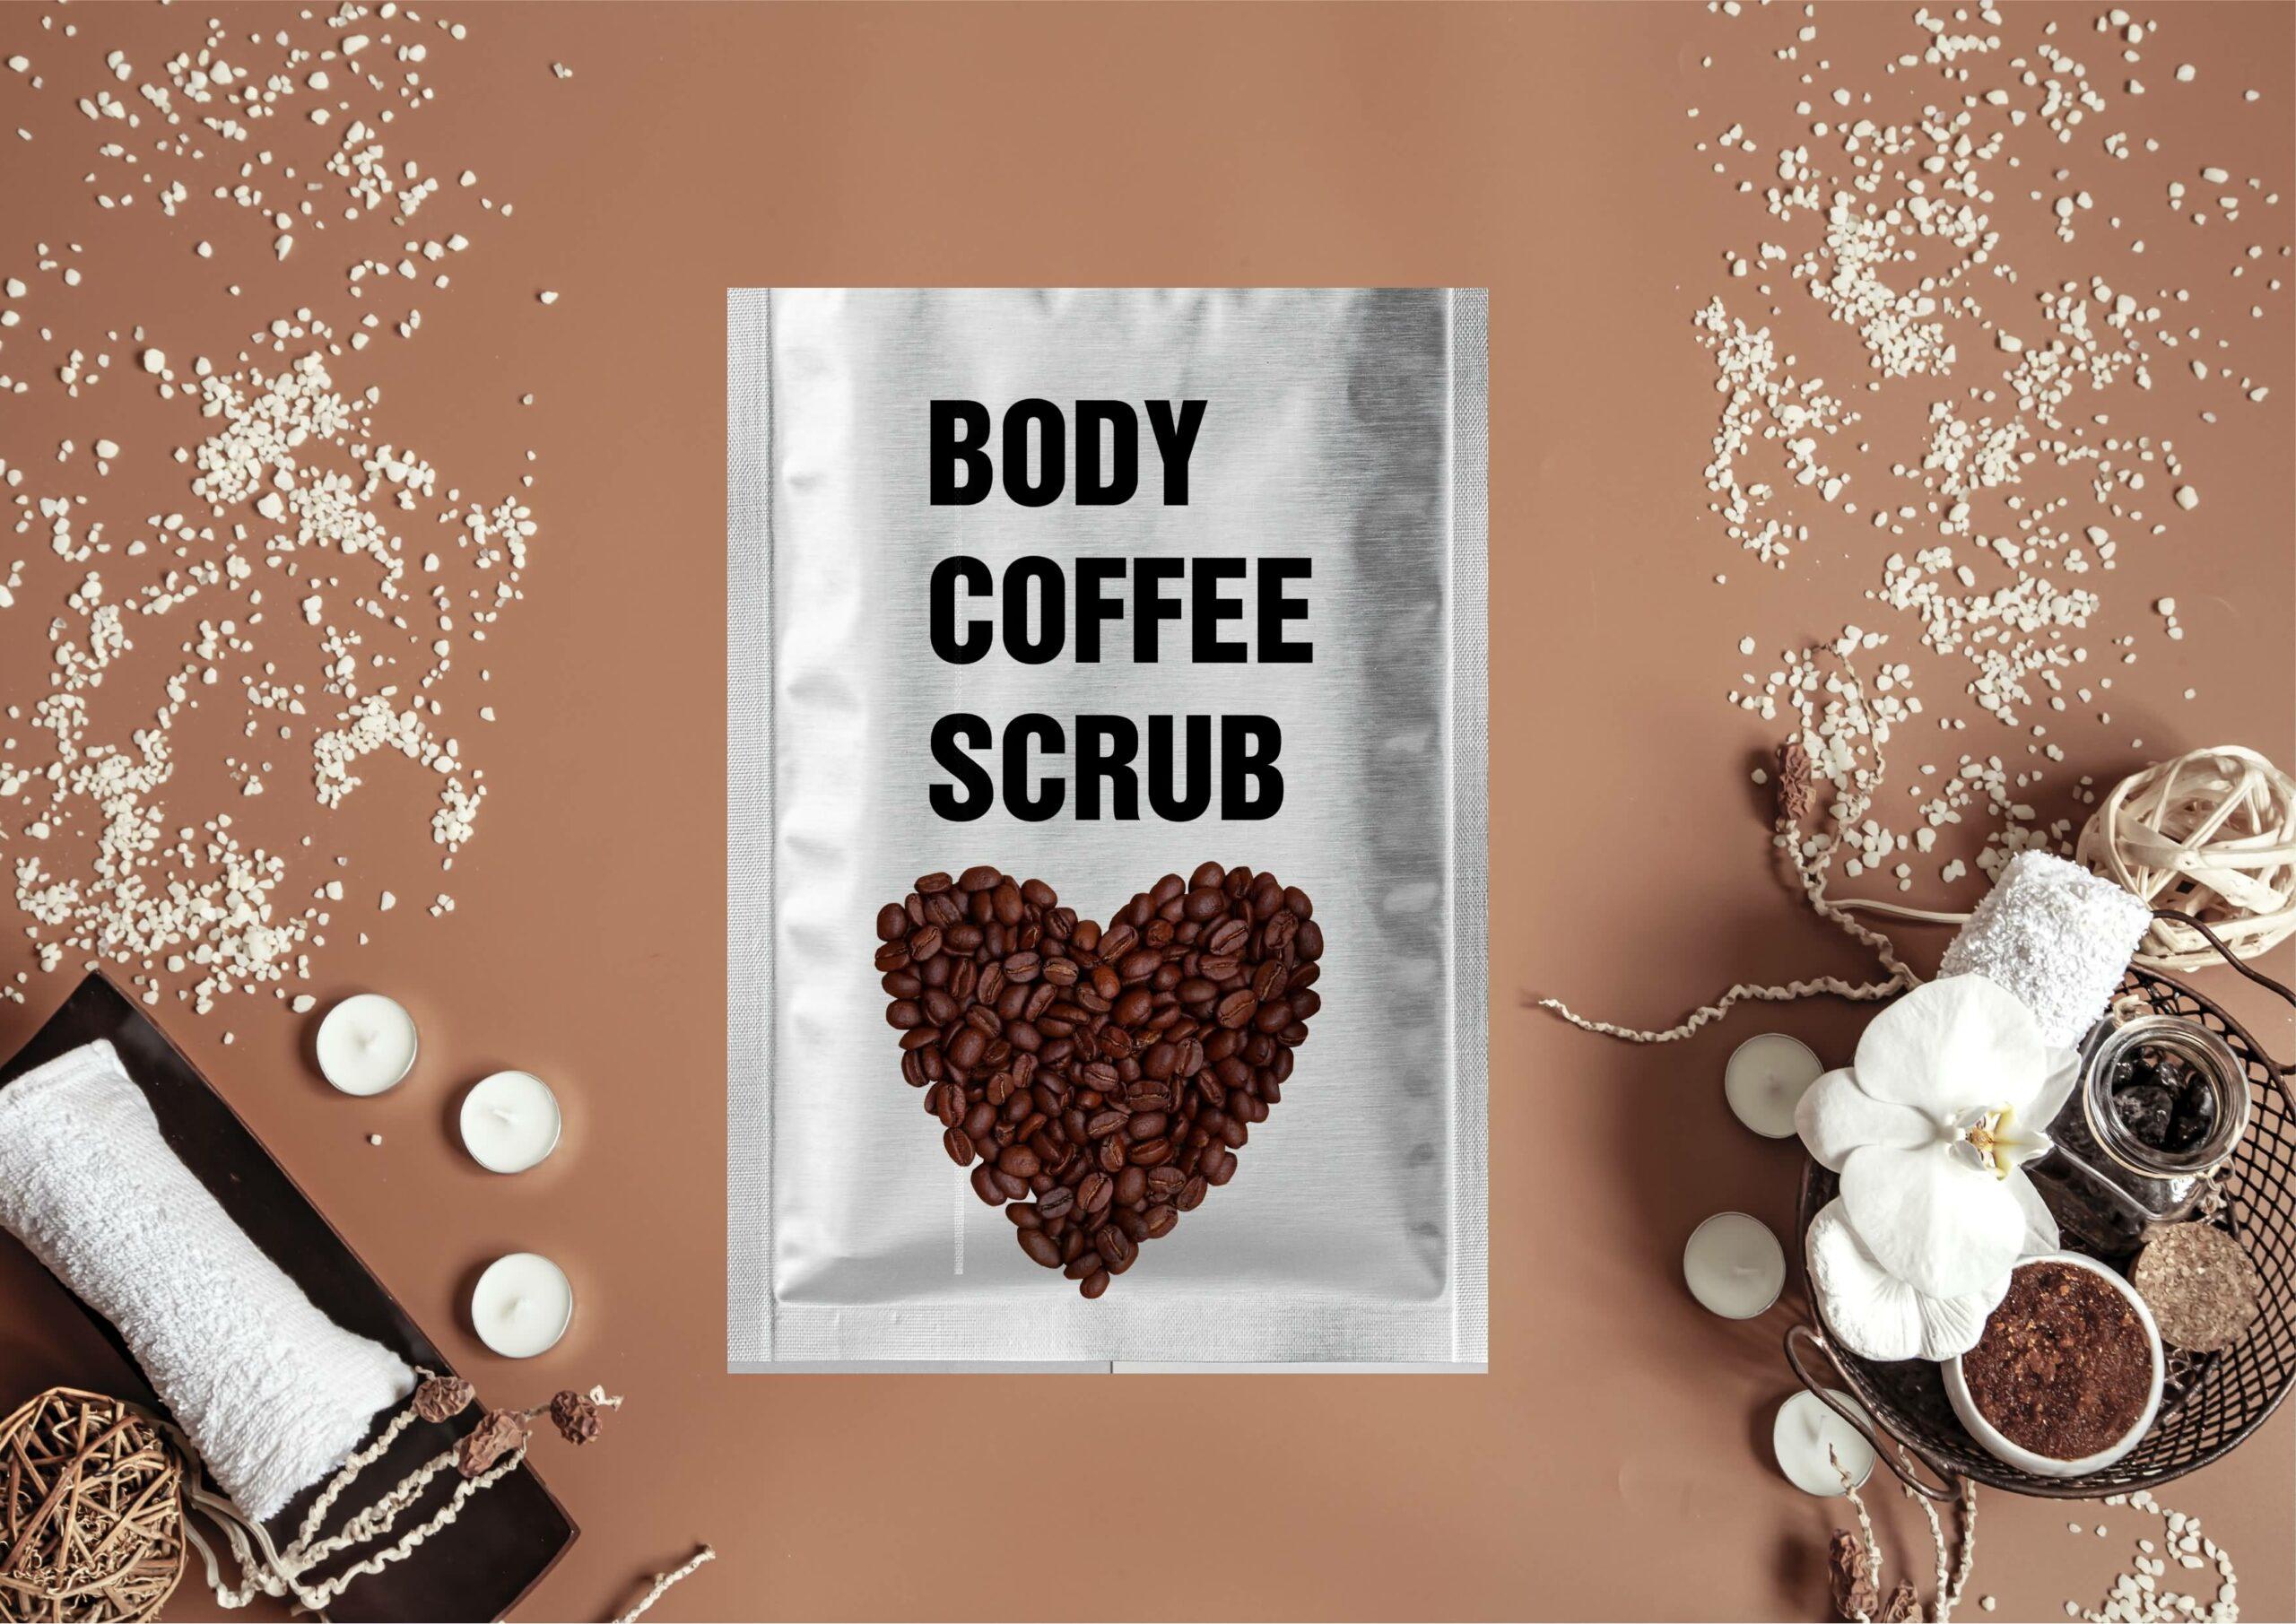 Body Scrub Packaging